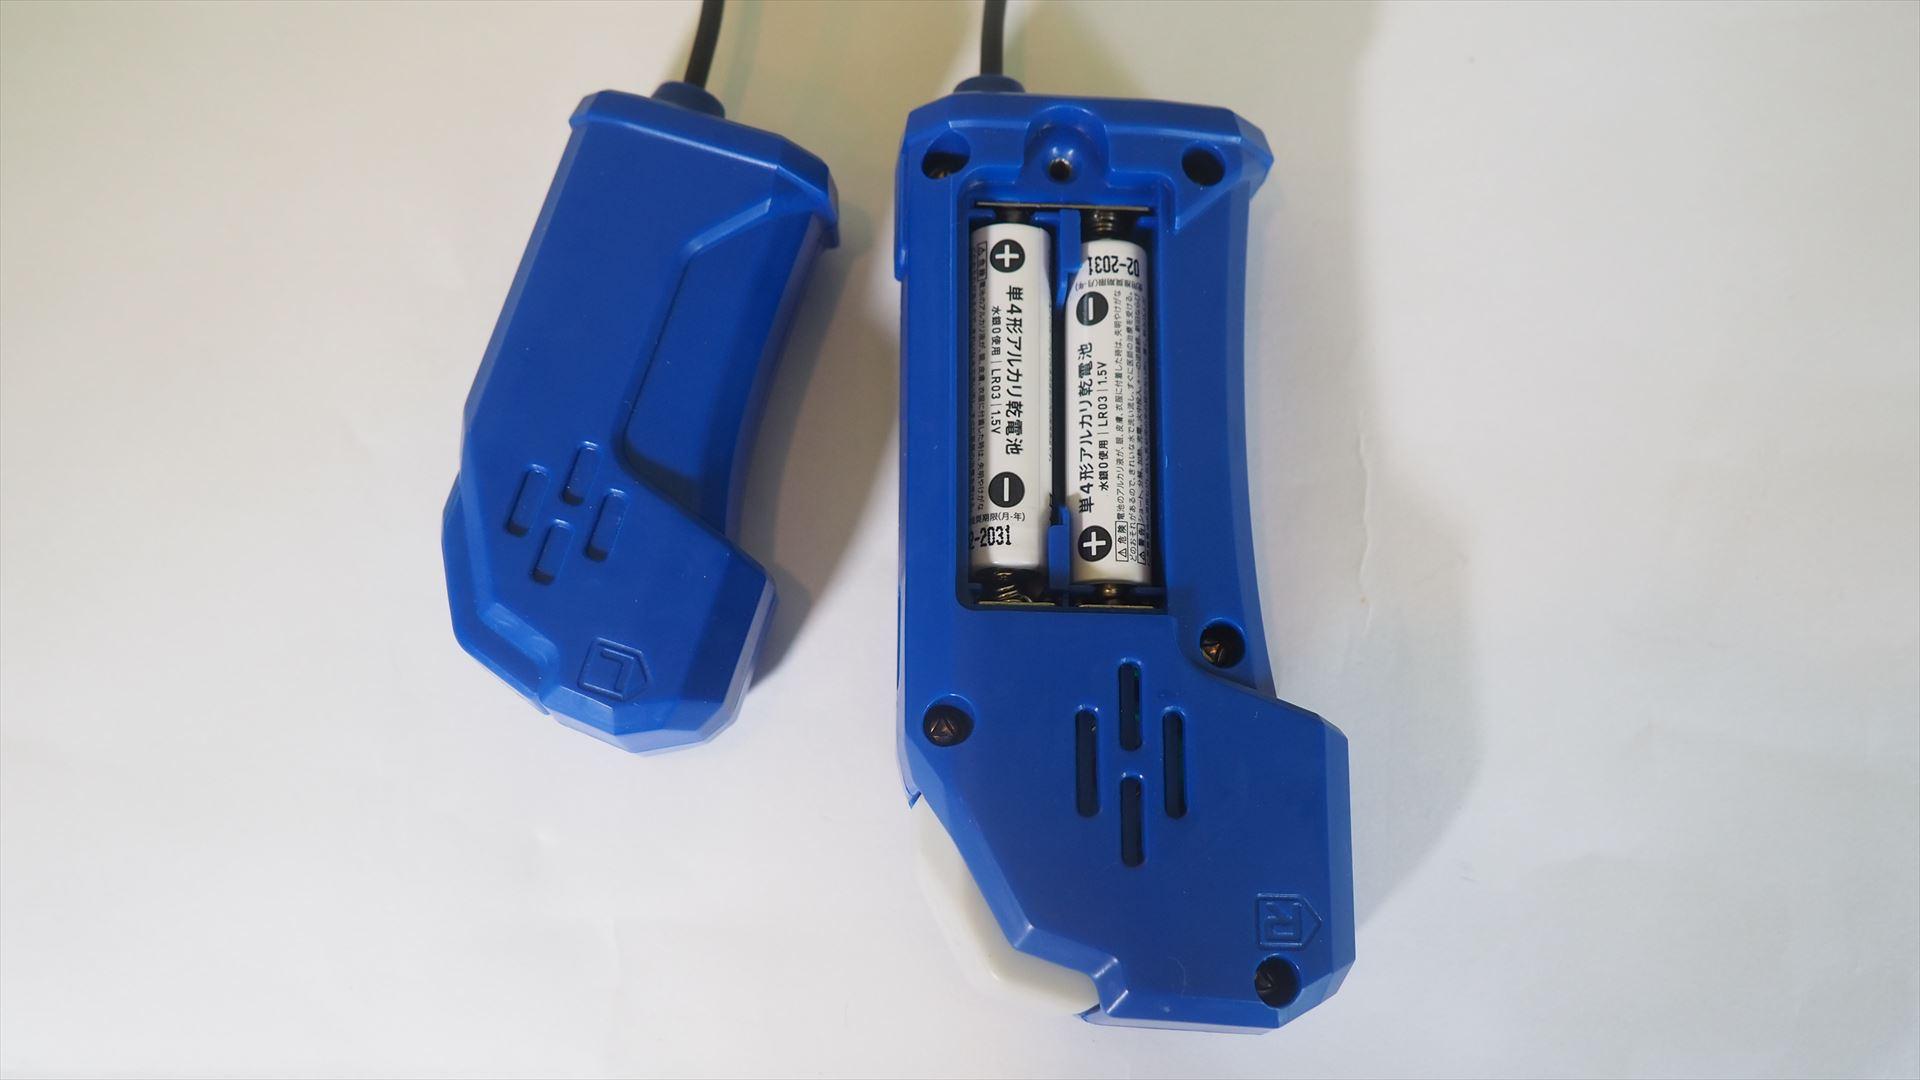 コントローラーは単4形アルカリ乾電池2本で動作する